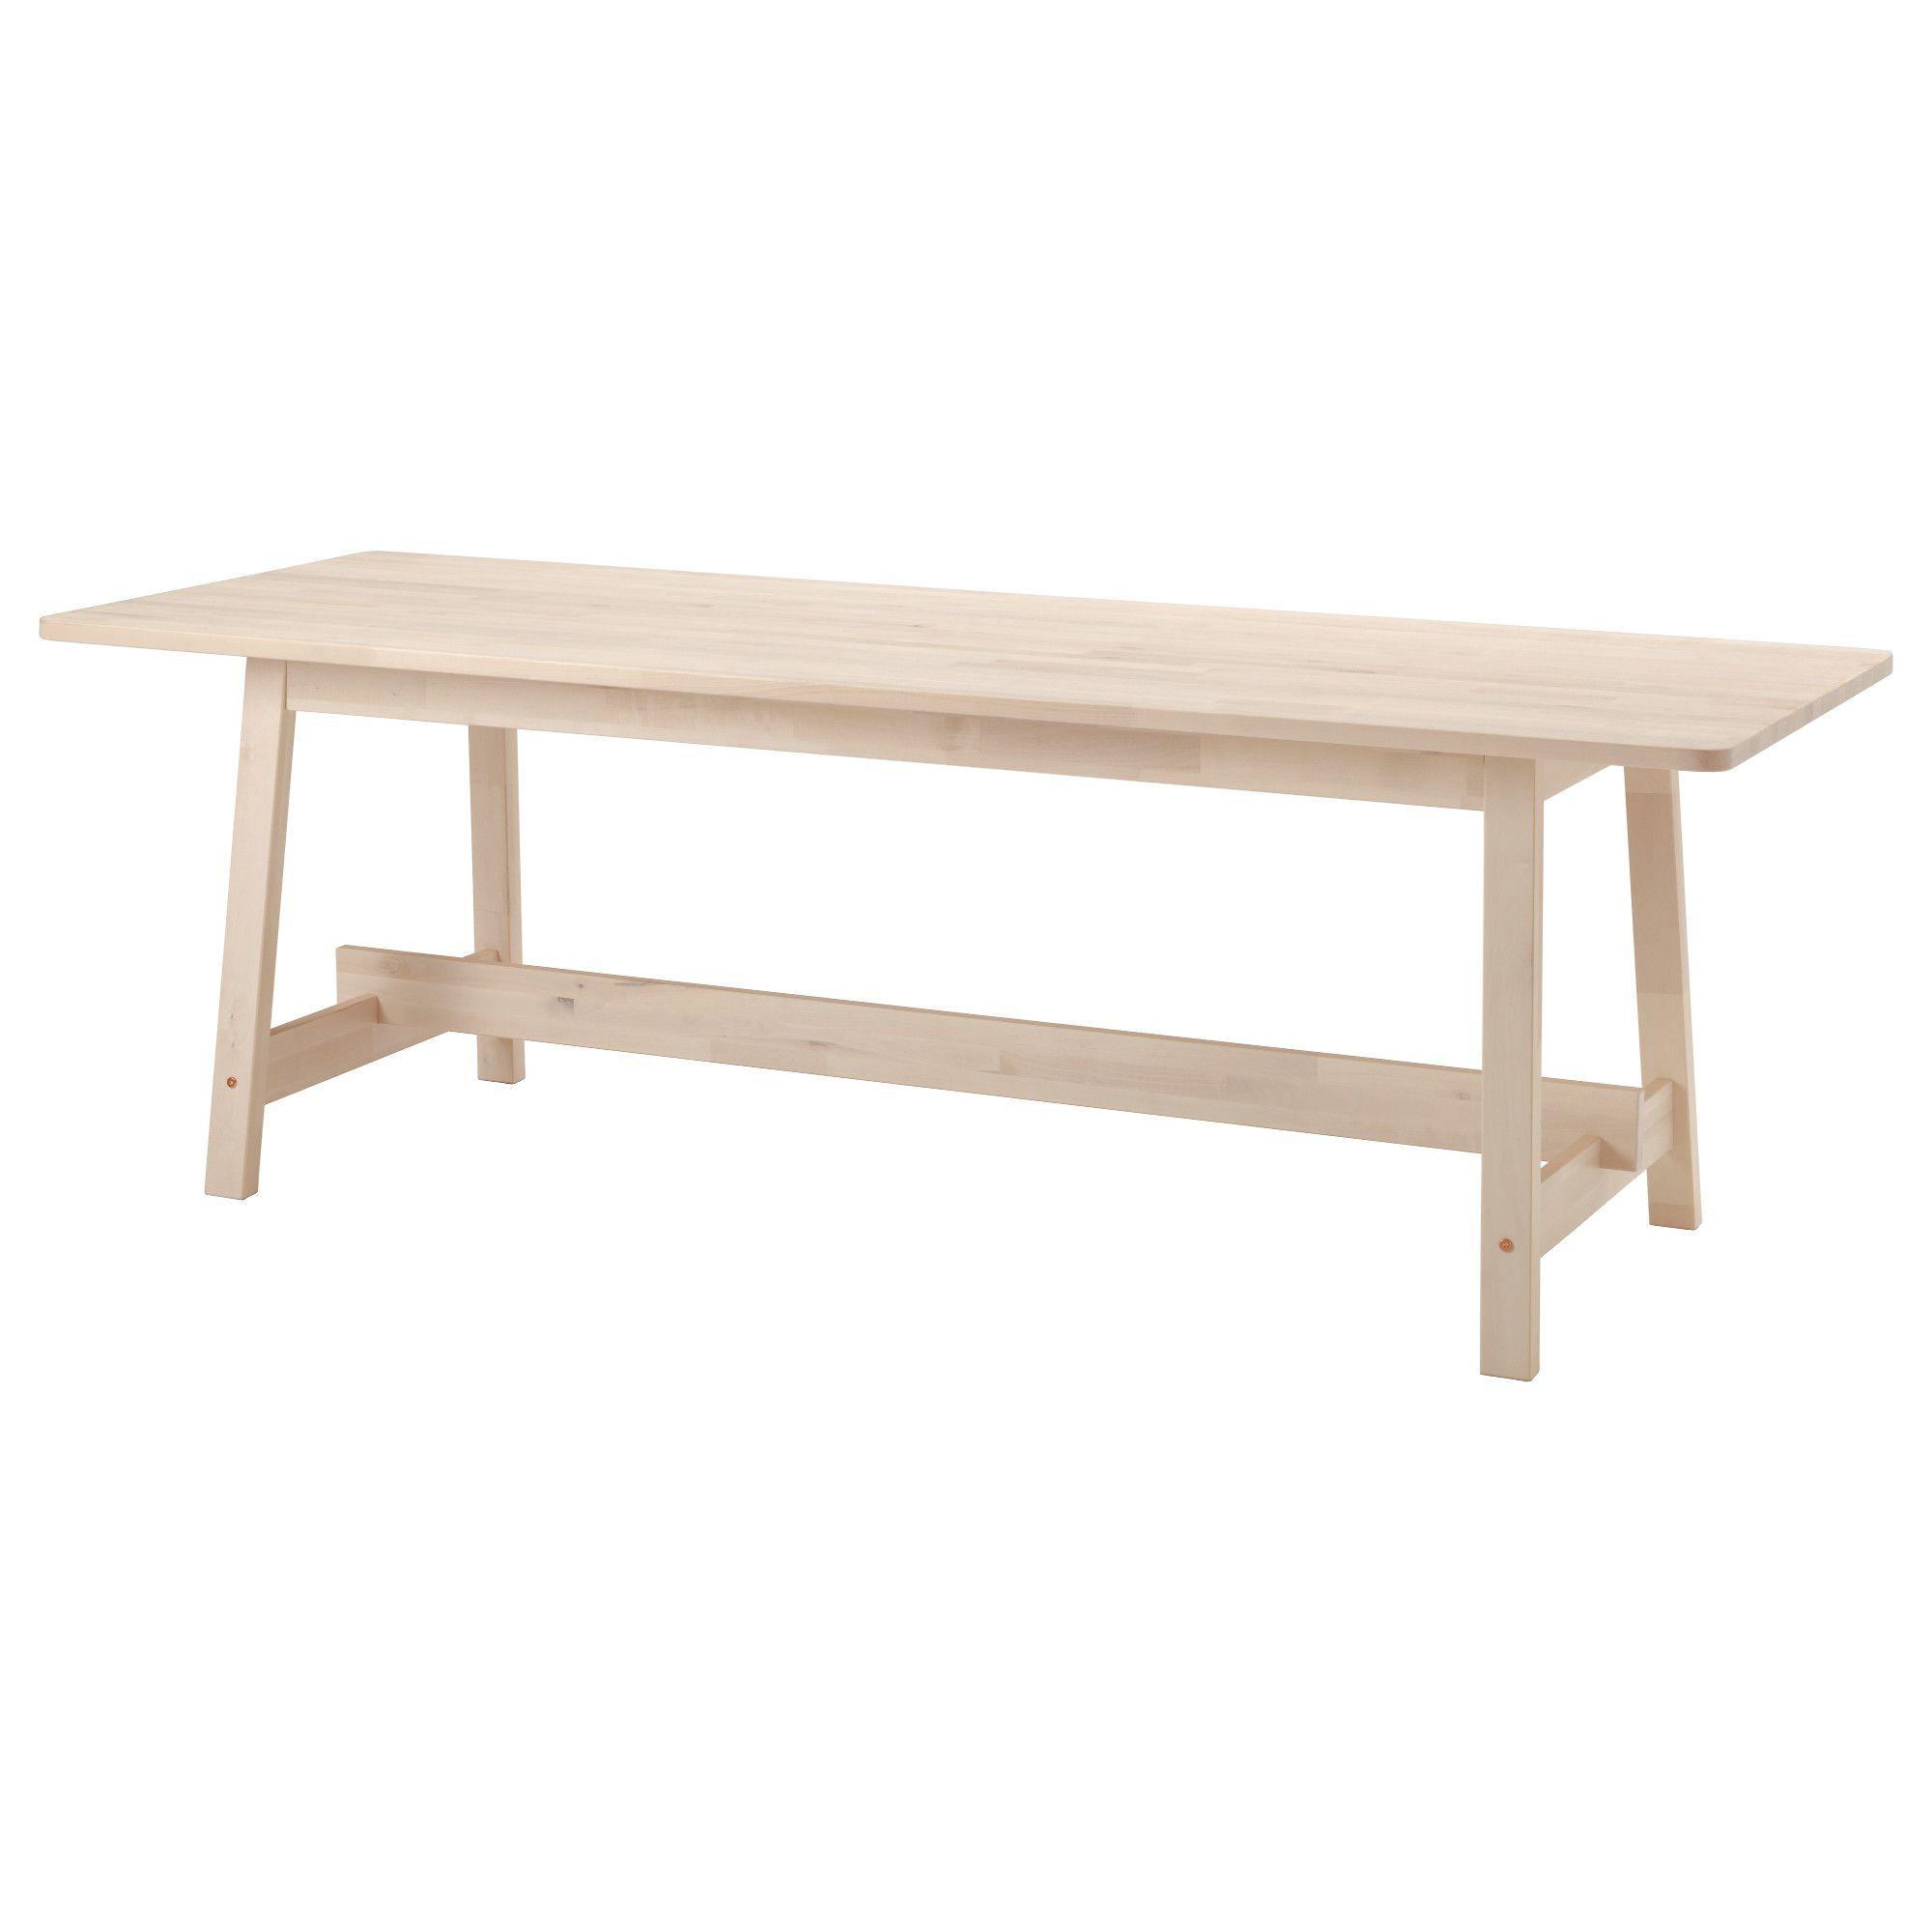 309dffa2cbbe82a13fd704e45afe591d Frais De Table Bois Ikea Des Idées